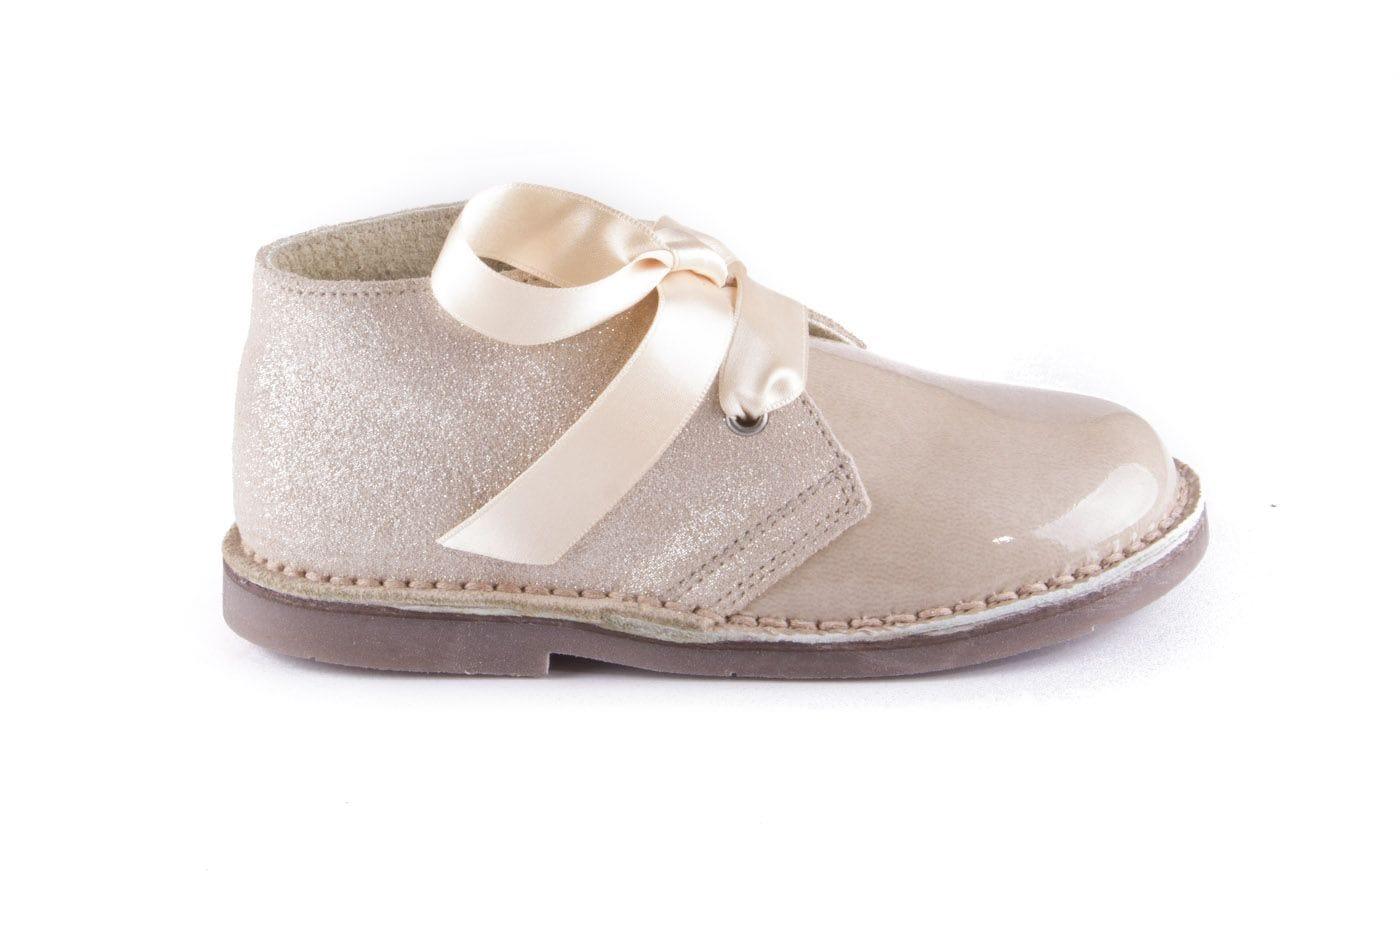 c5f0bcf4d20 Comprar zapato tipo JOVEN NIÑA estilo BOTAS COLOR BEIGE CHAROL ...